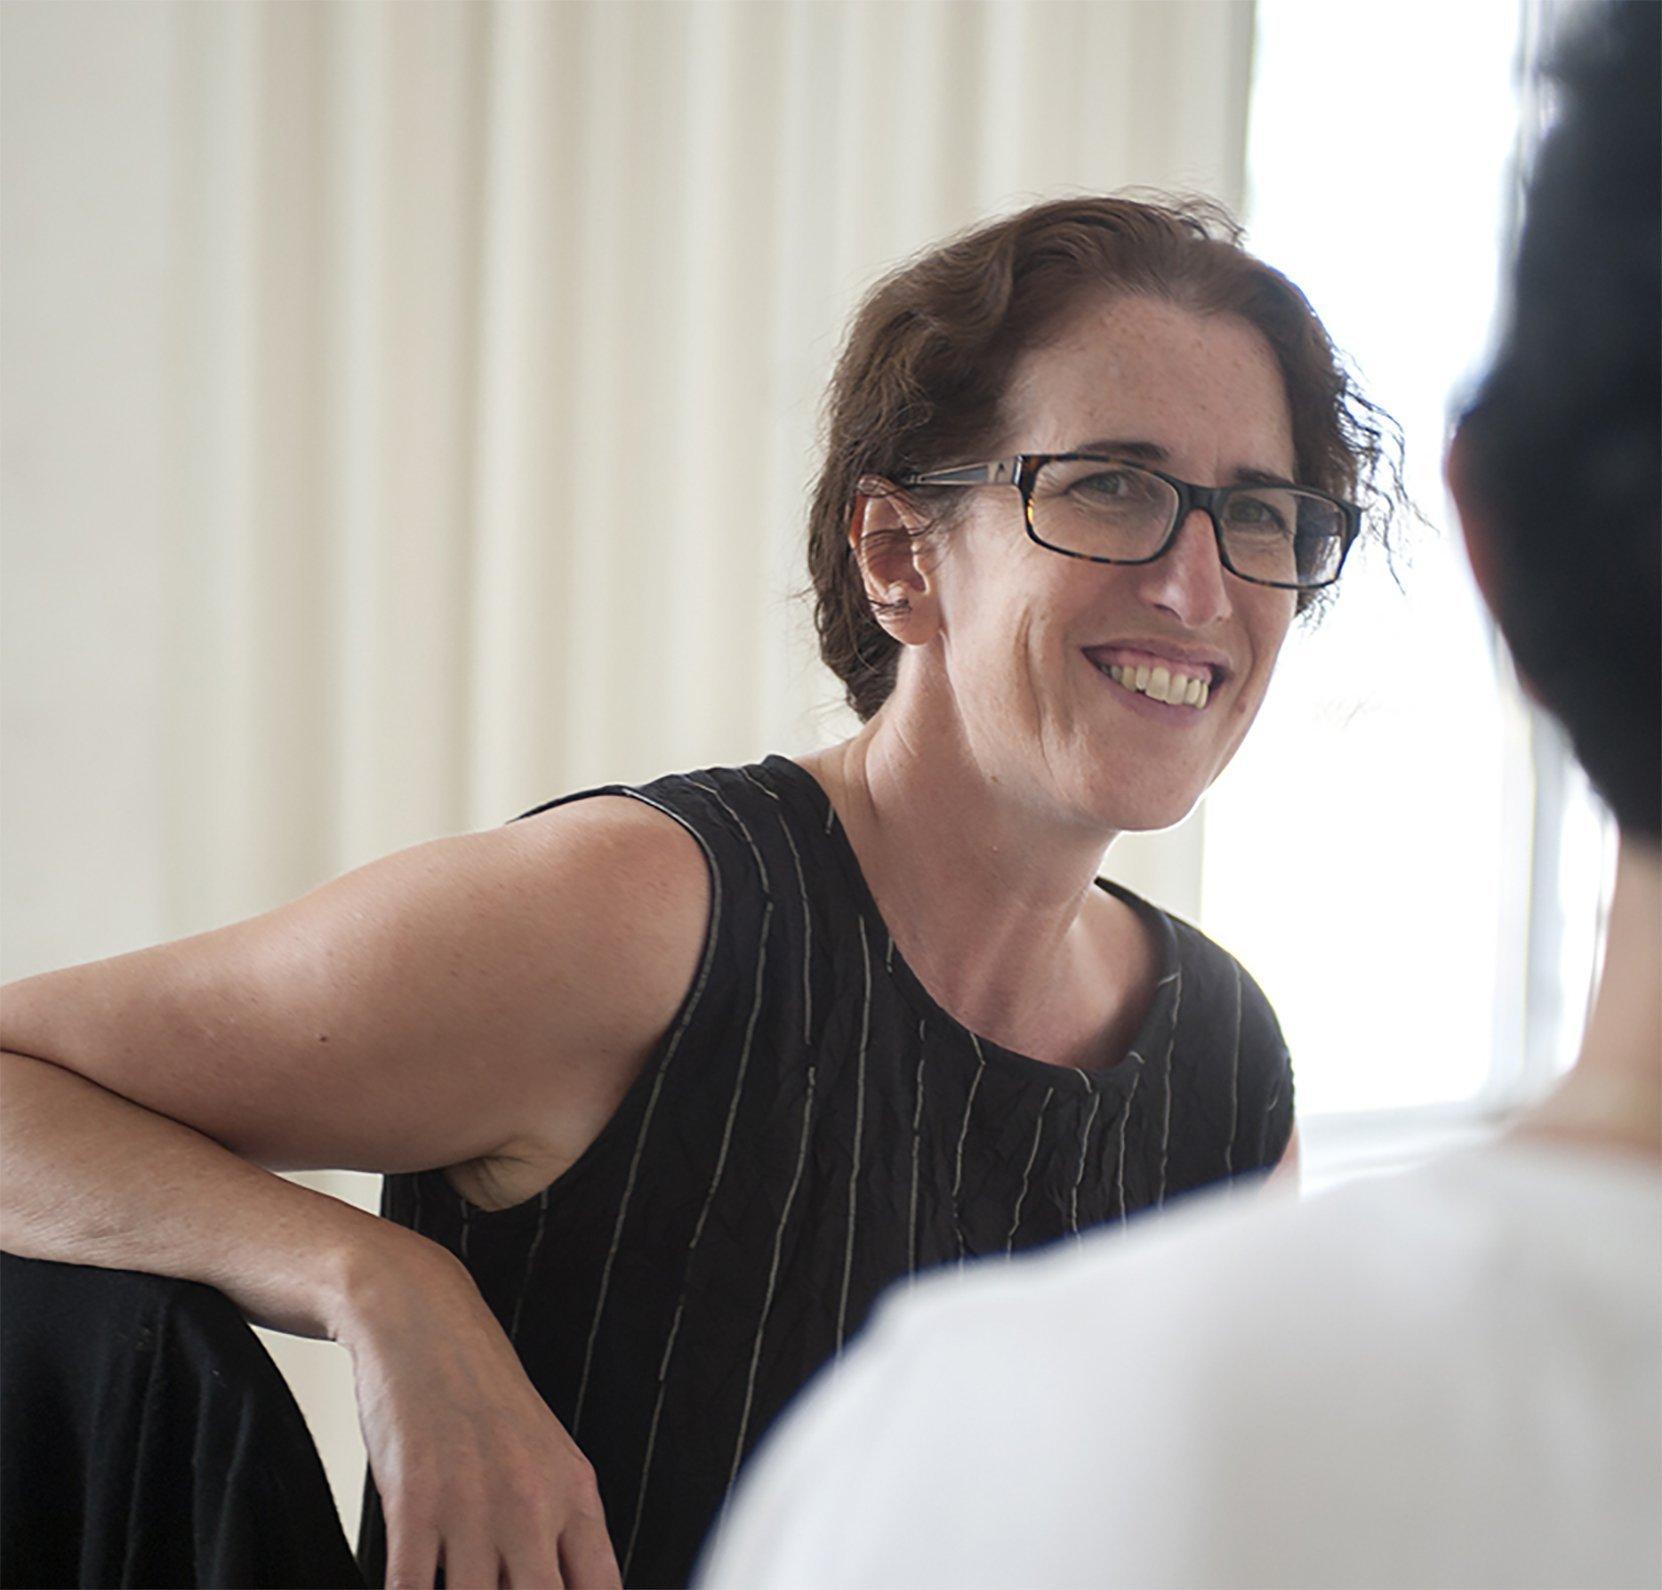 Sue Buckmaster trägt auf dem Foto kurze, dunkelbraune Haare und eine schwarze Brille. Sie ist gerade mit jemandem im Gespräch, von dem man nur einen kleinen Teil des Rückens sieht.